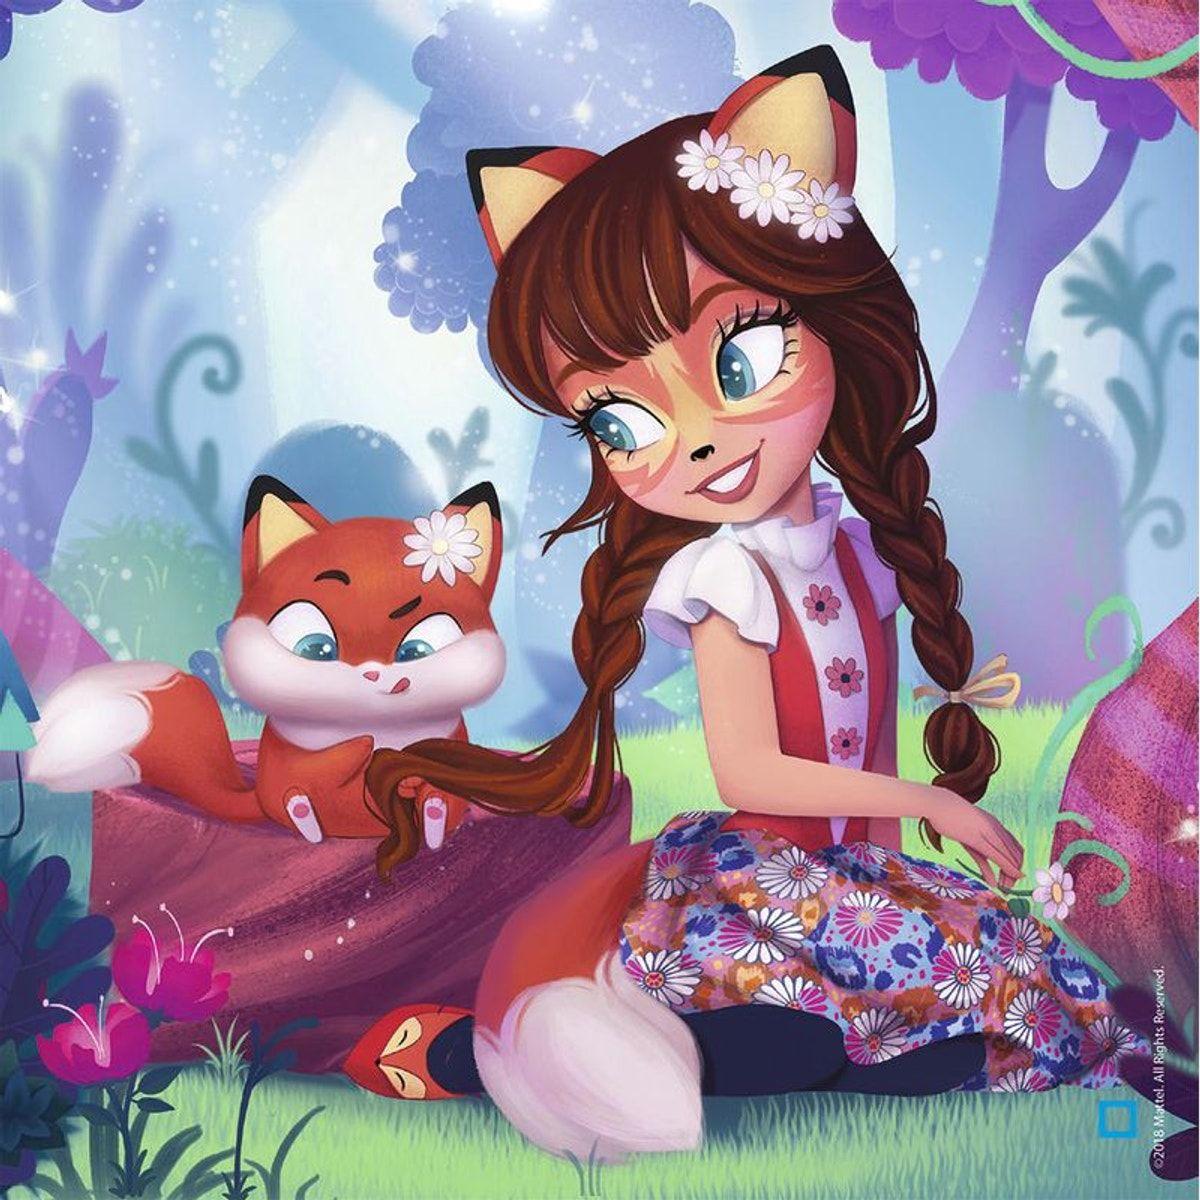 Puzzle 3x49 P Le Monde Merveilleux Des Enchantimals Rav4005556080618 Taille Taille Unique Dessins Disney Monde Merveilleux Merveilleux